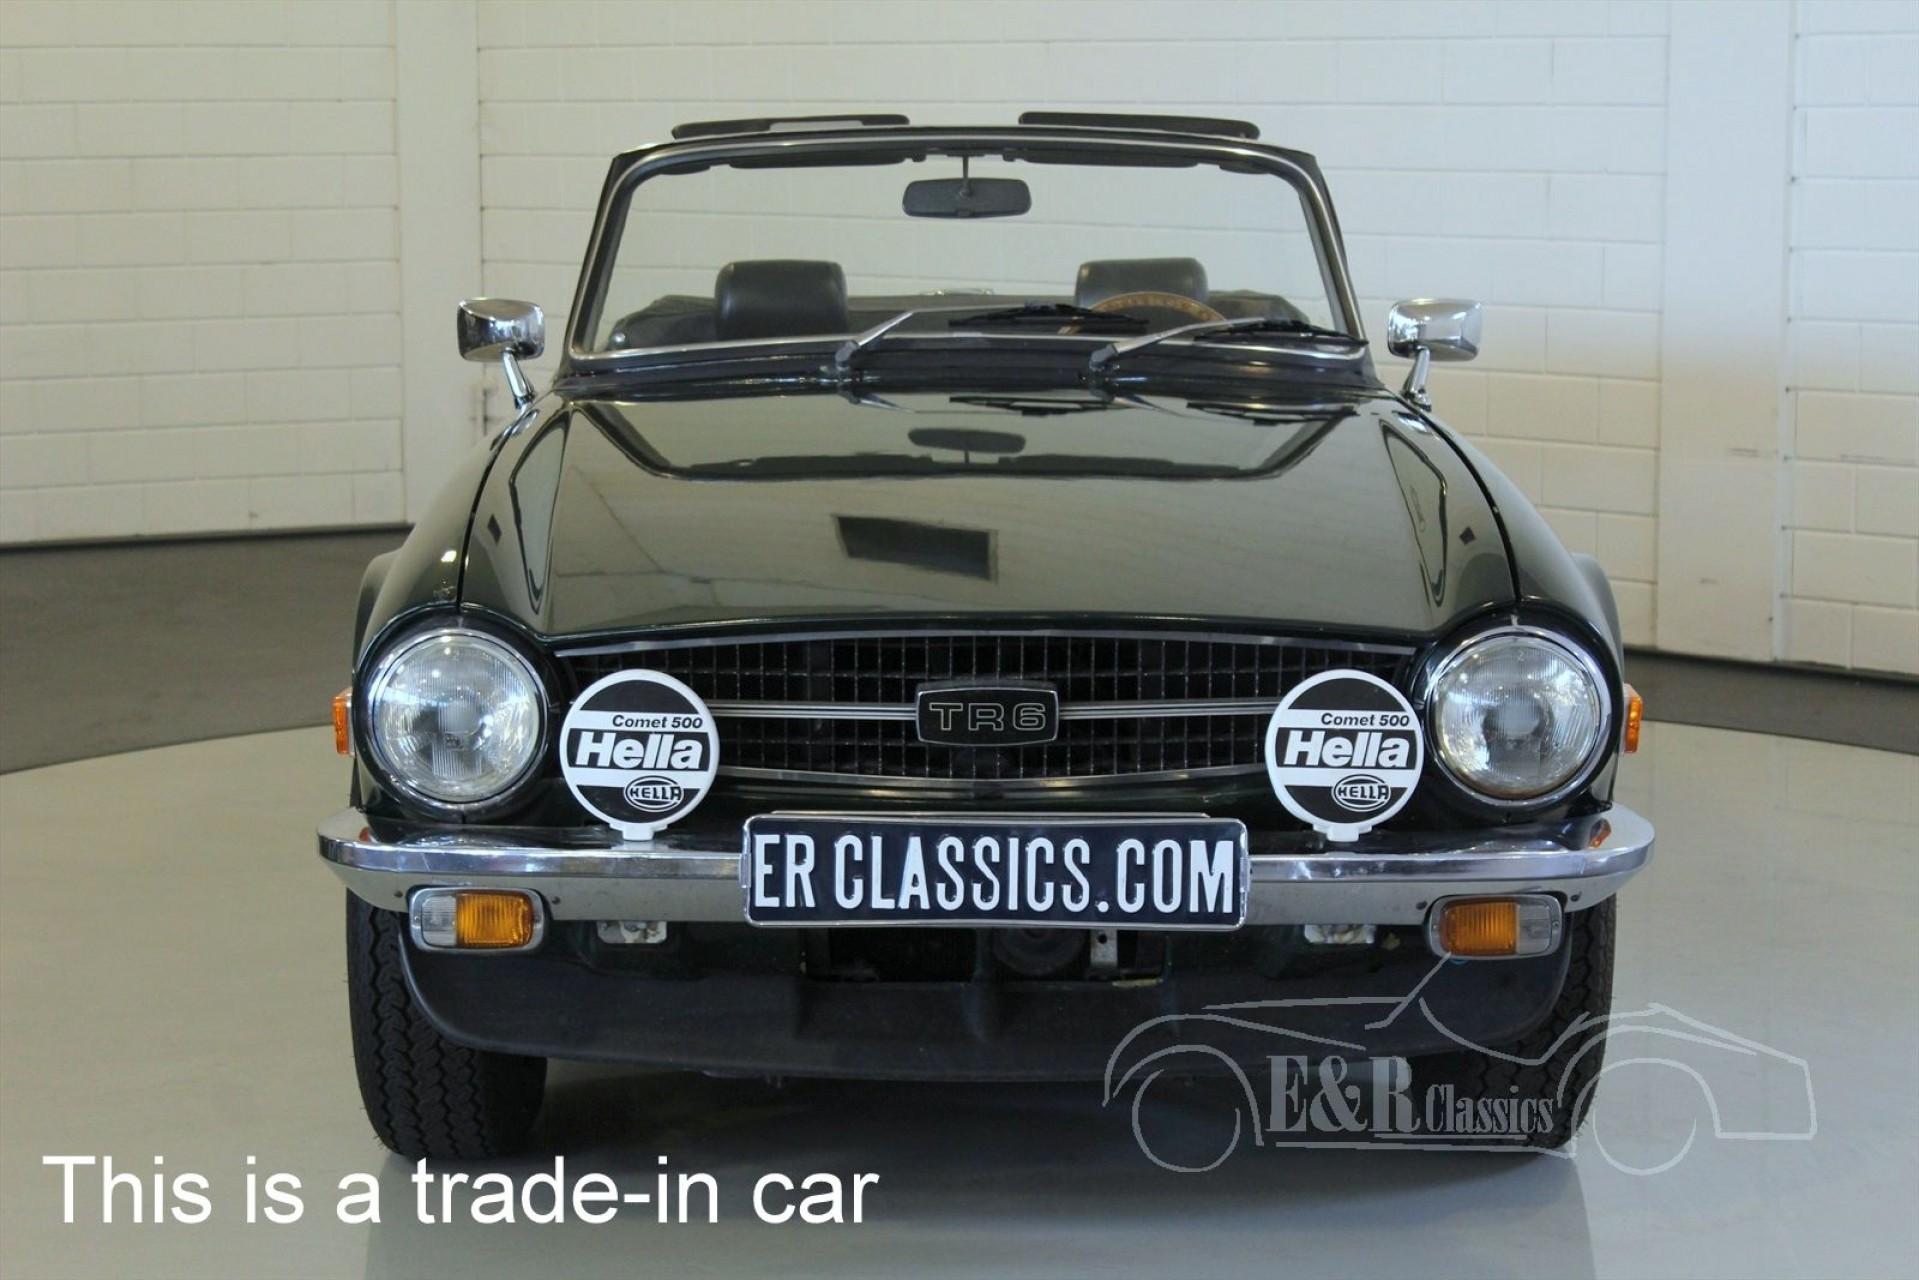 Triumph TR6 Roadster 1971 for sale at ERclassics